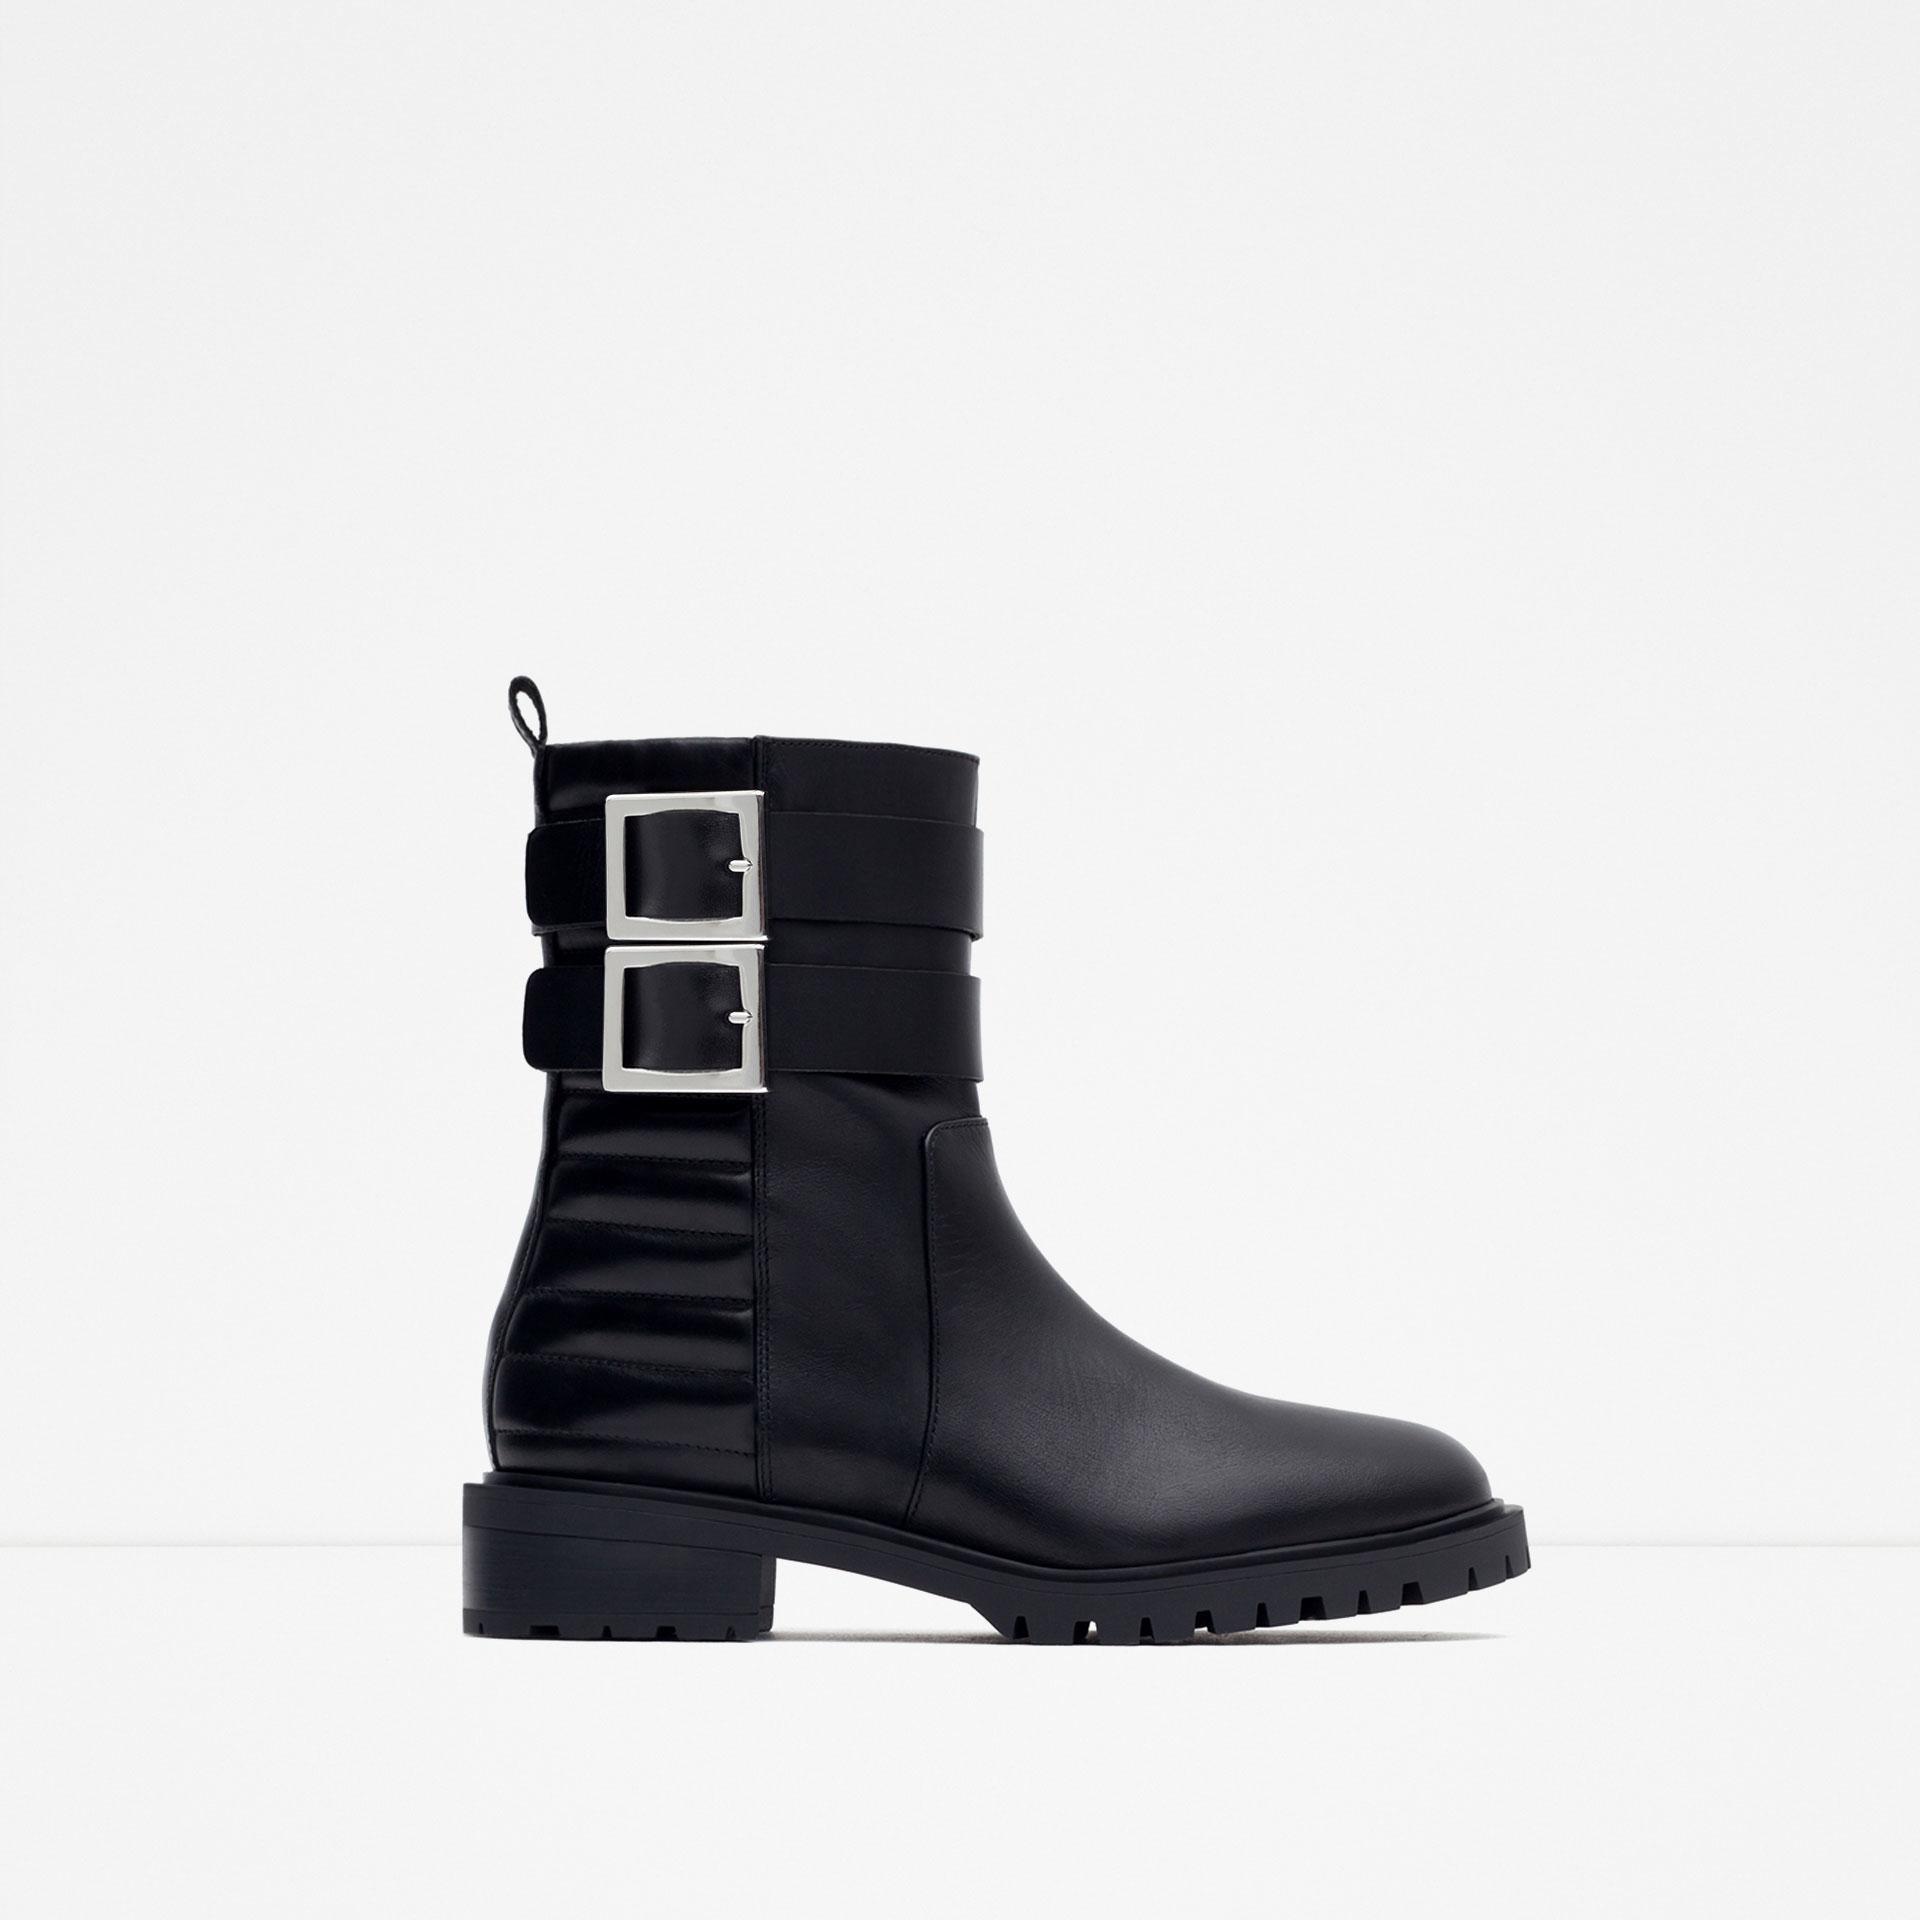 Zara Flat Leather Biker Ankle Boots in Black | Lyst